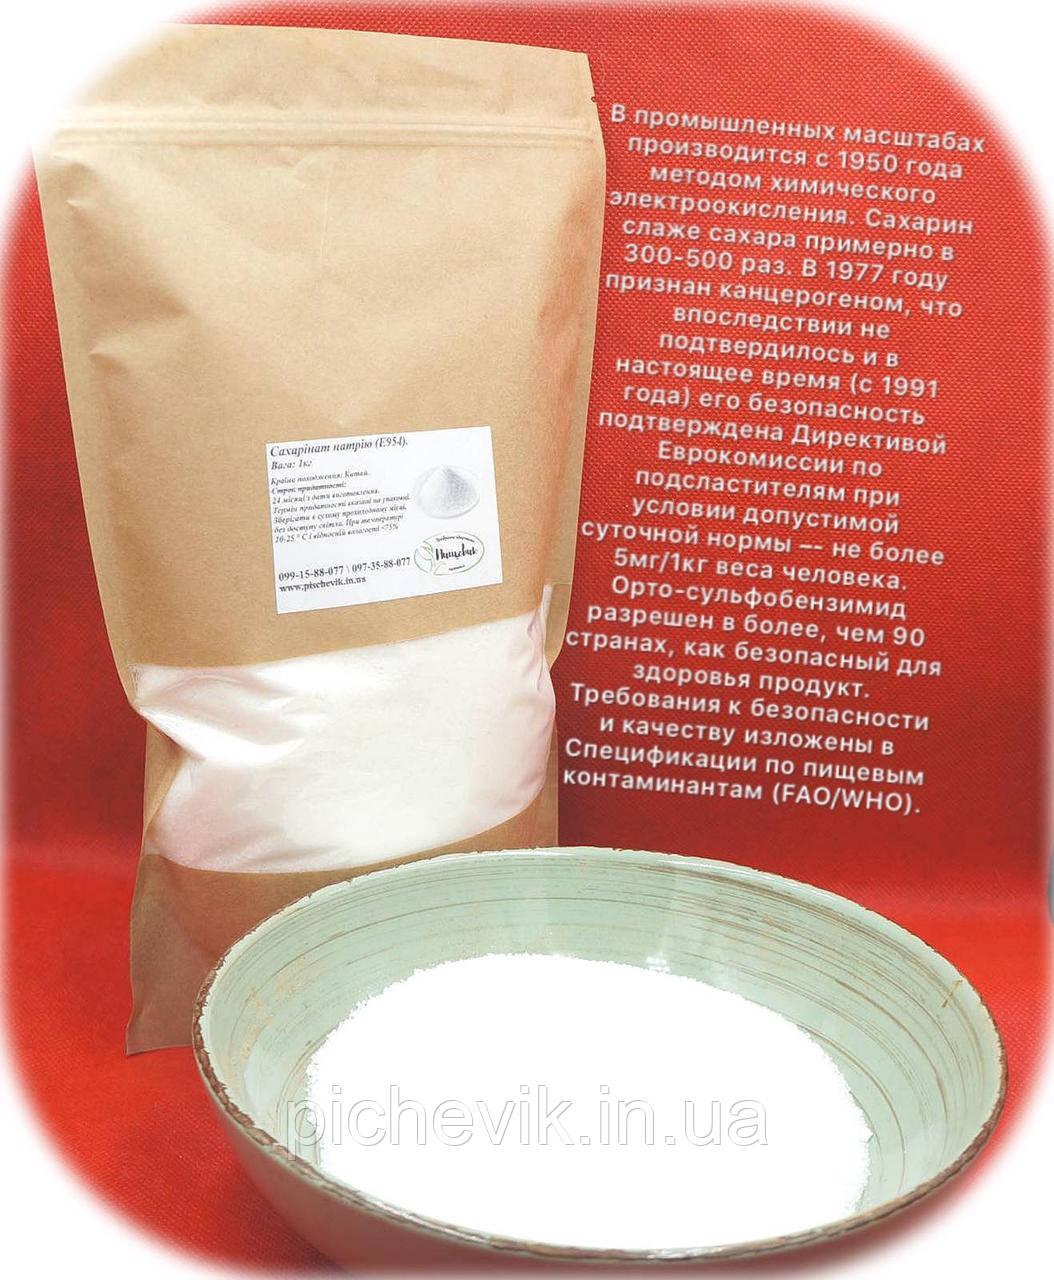 Пищевая добавка Сахарин Е-954 (Китай) вес:1 кг